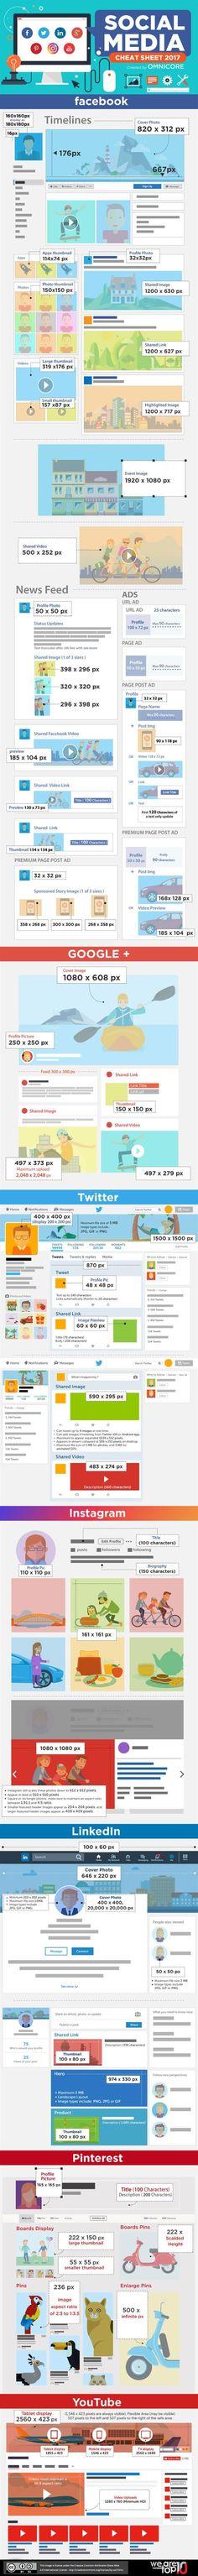 Social Media Image Sizes for Facebook, Instagram, LinkedIn, Twitter & More